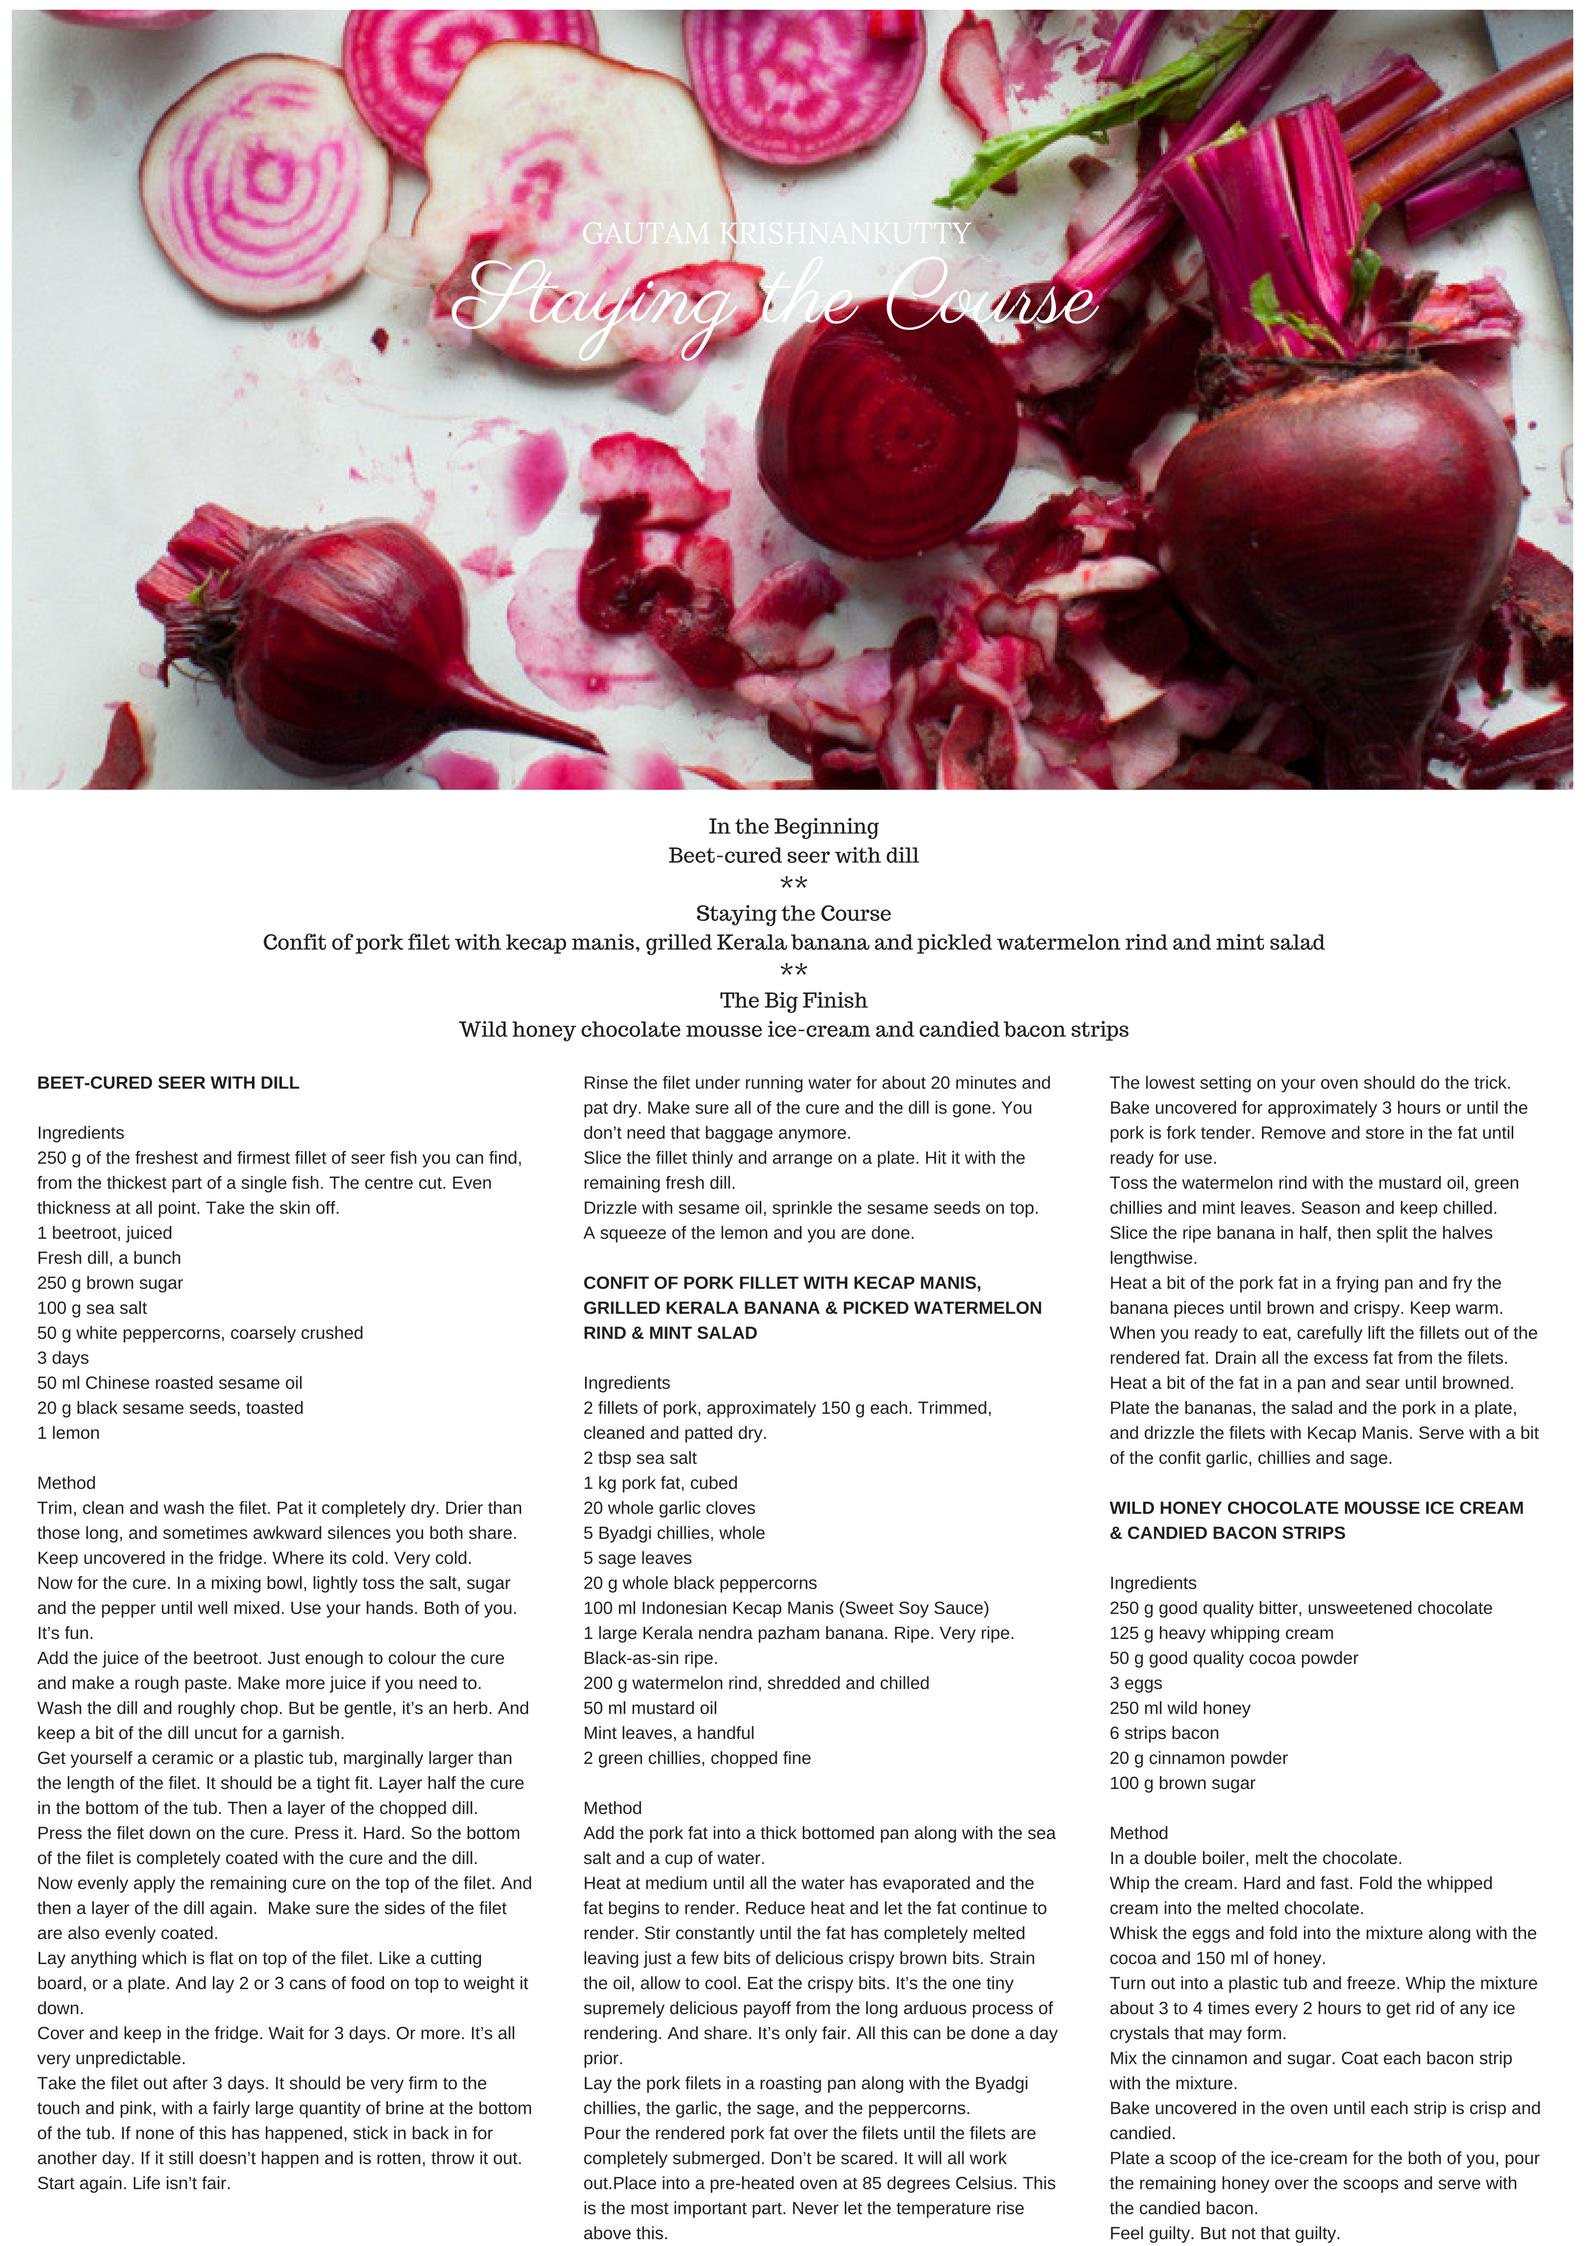 Valentine's Day menu by Gautam Krishnankutty